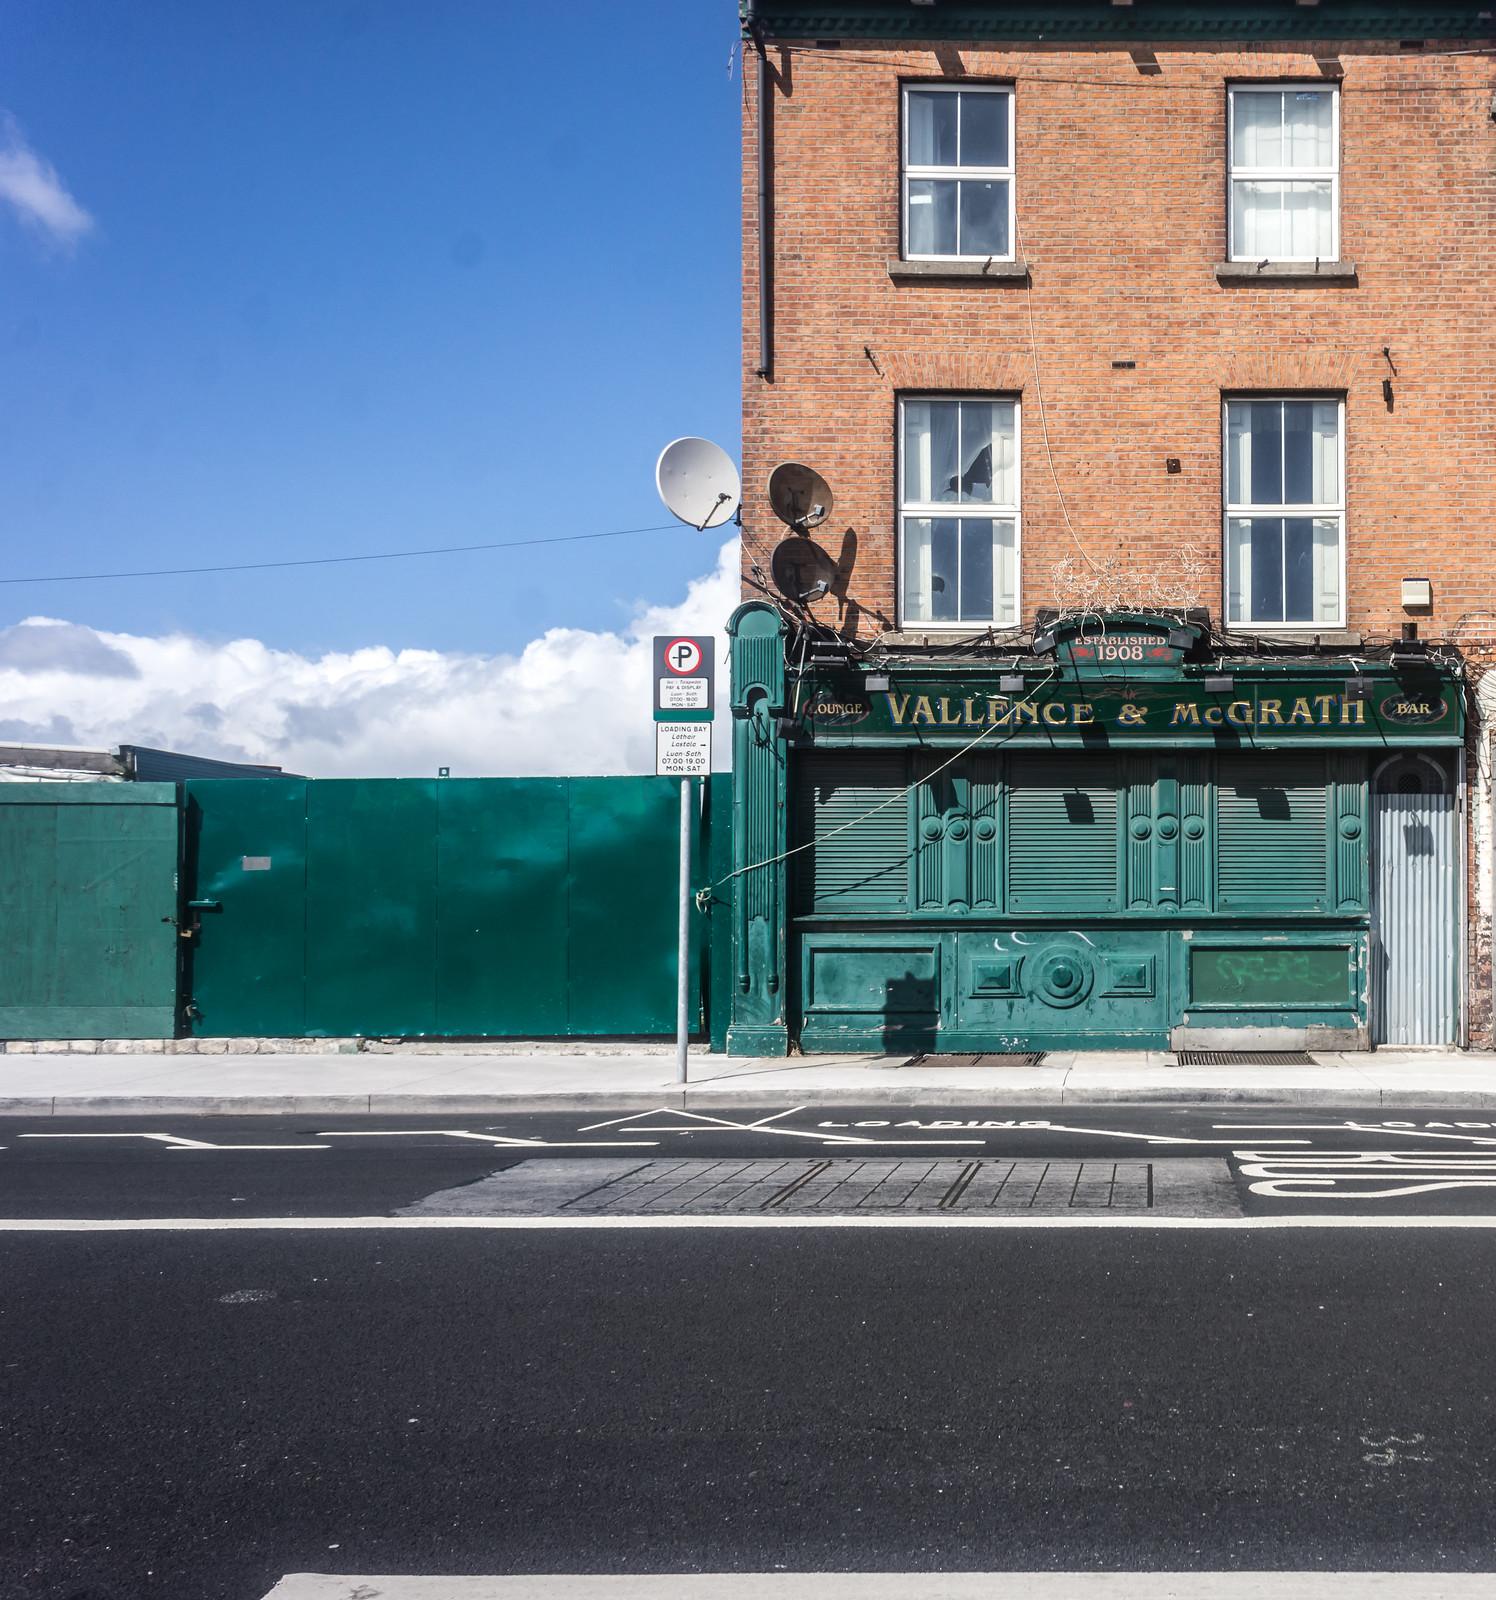 Vallence & McGrath Pub [Ceased Trading]